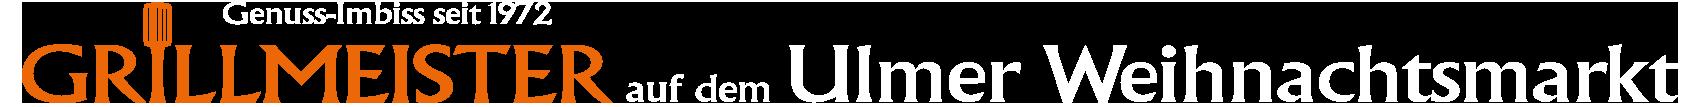 Grillmeister Imbiss auf dem Ulmer Weihnachtsmarkt Logo